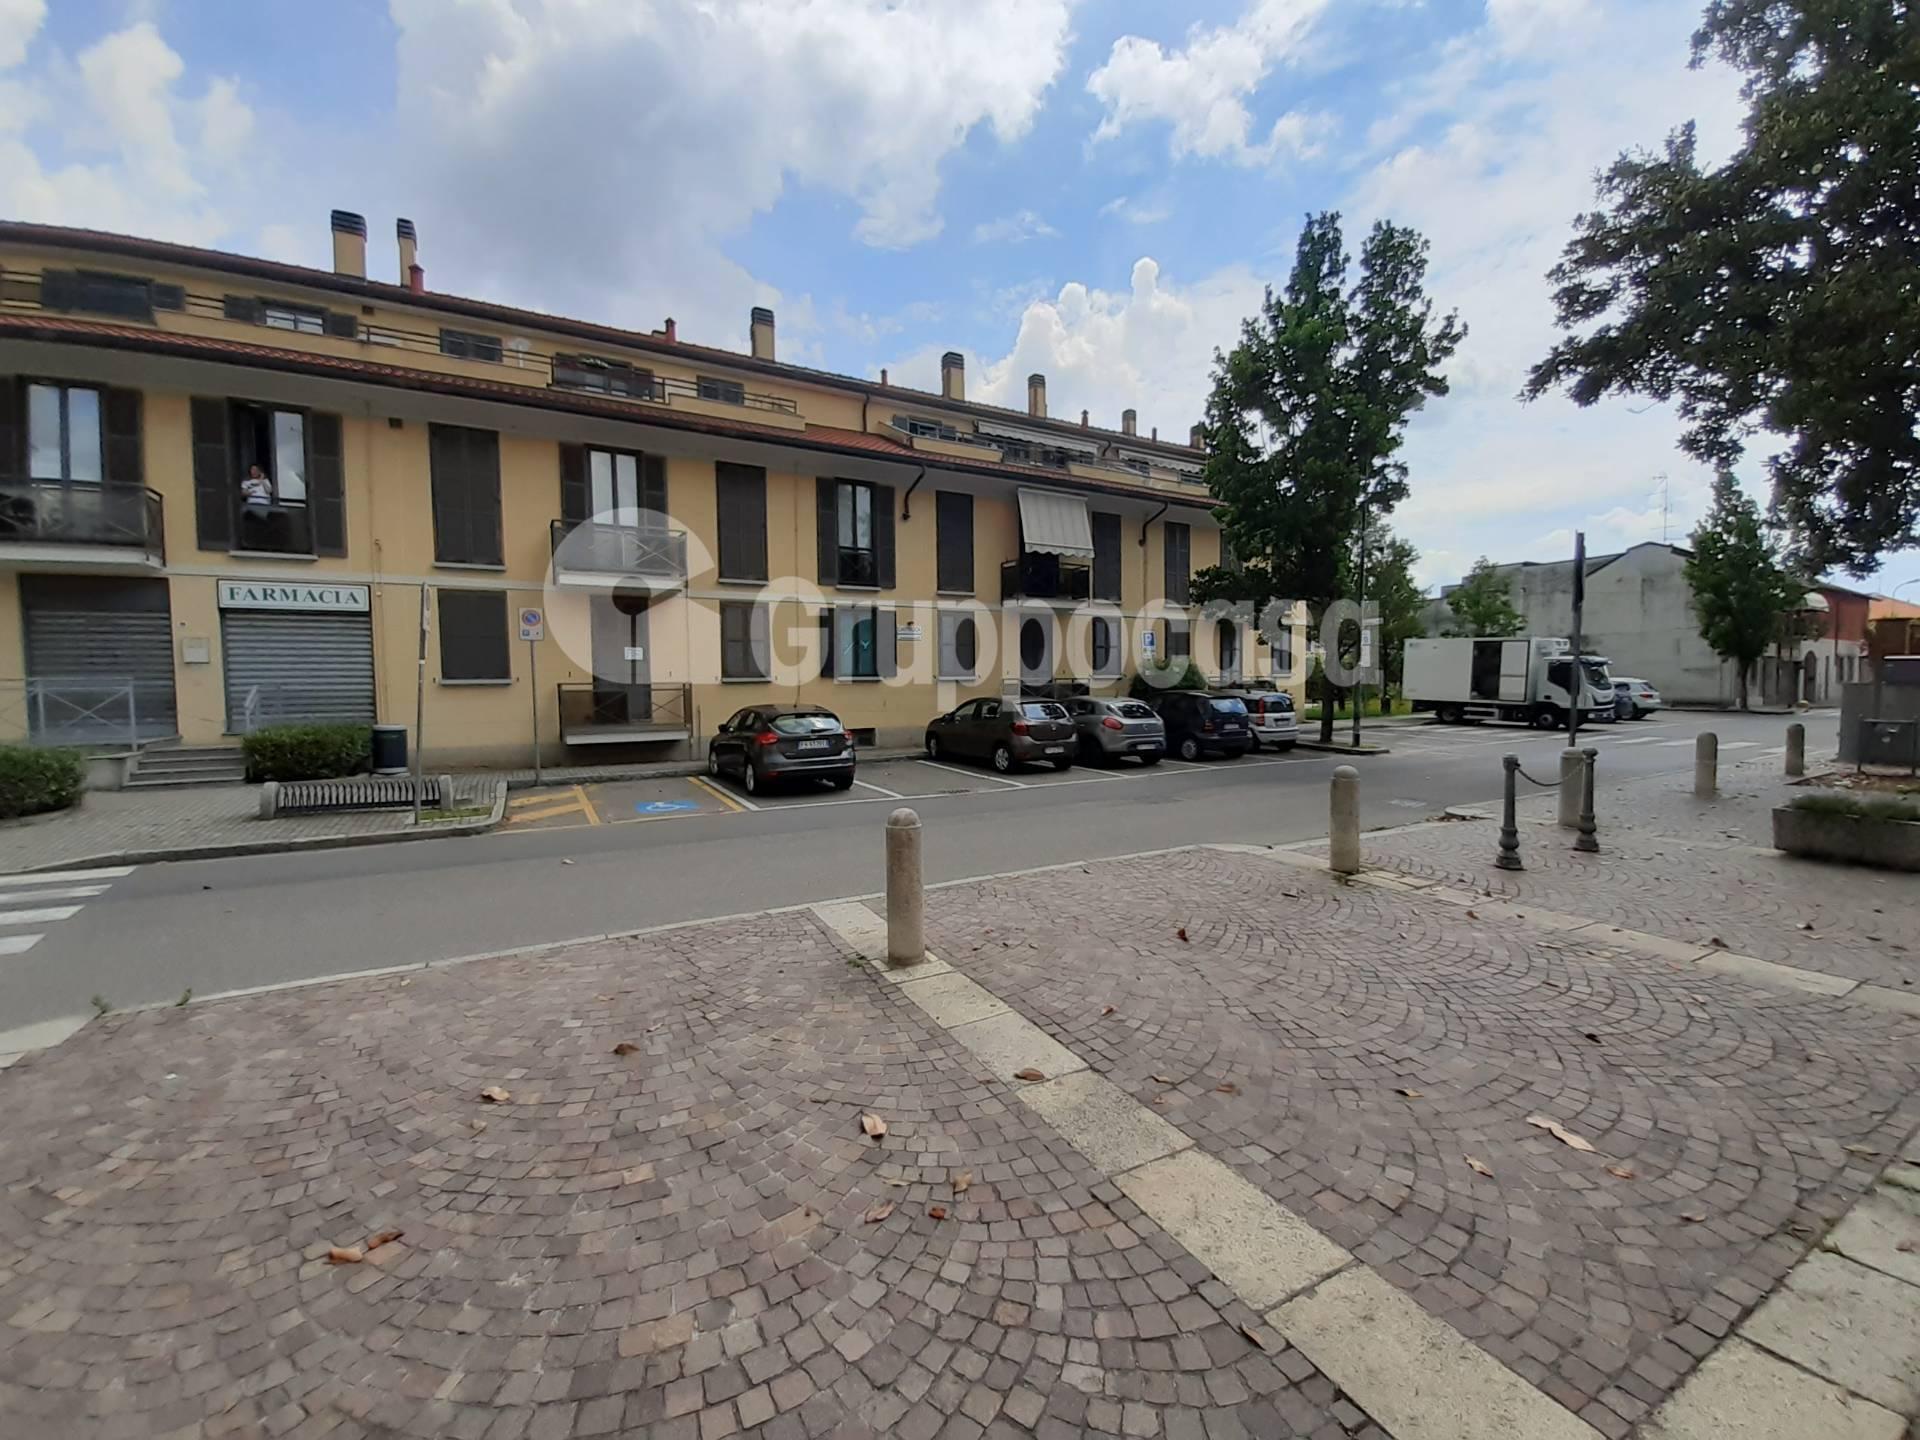 Ufficio in affitto a Santo Stefano Ticino (MI)